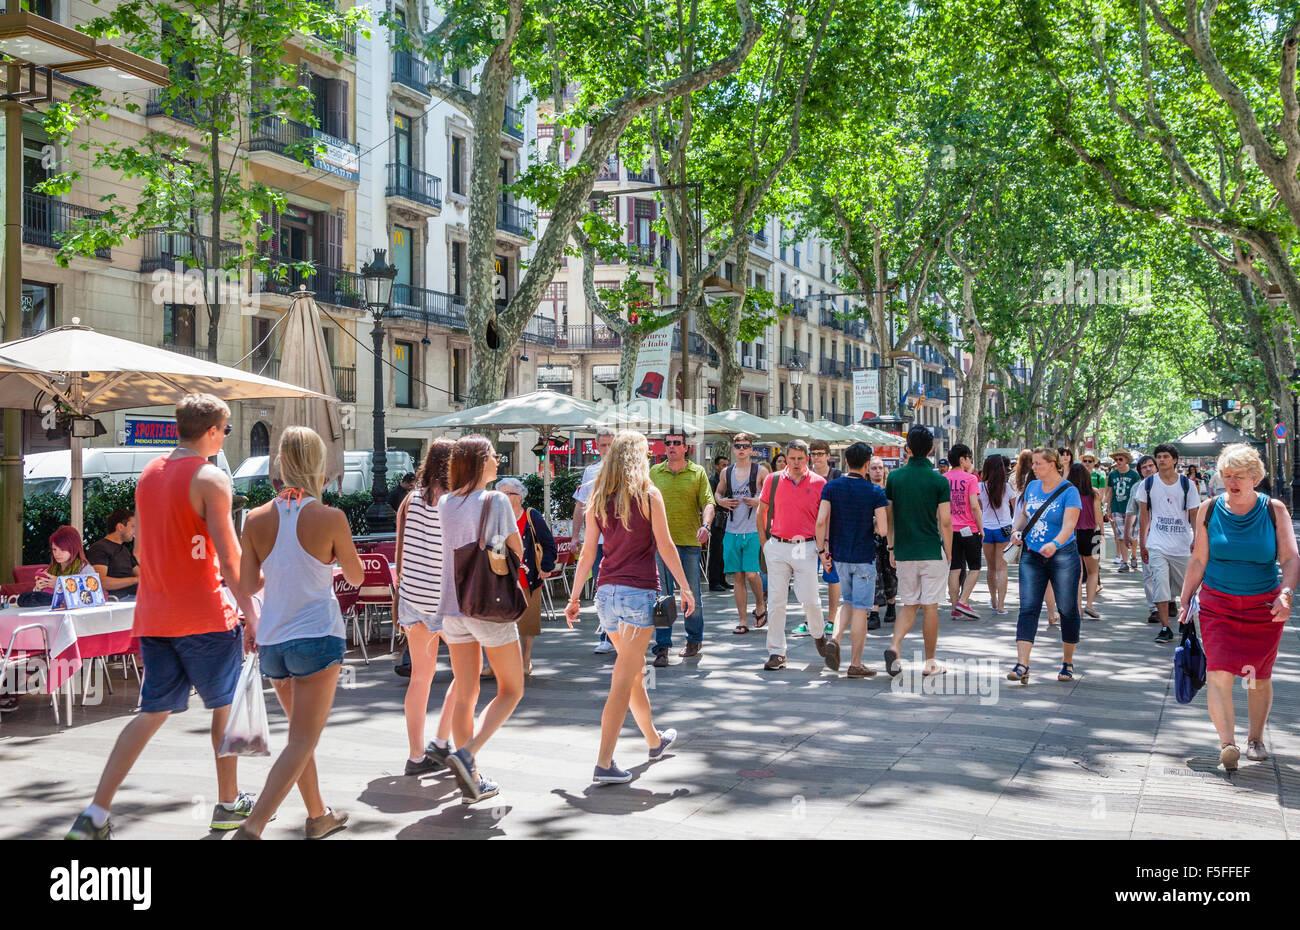 Spanien, Katalonien, Barcelona, La Rambla, Bäumen gesäumte Fußgängerzone, beliebt bei Touristen Stockbild